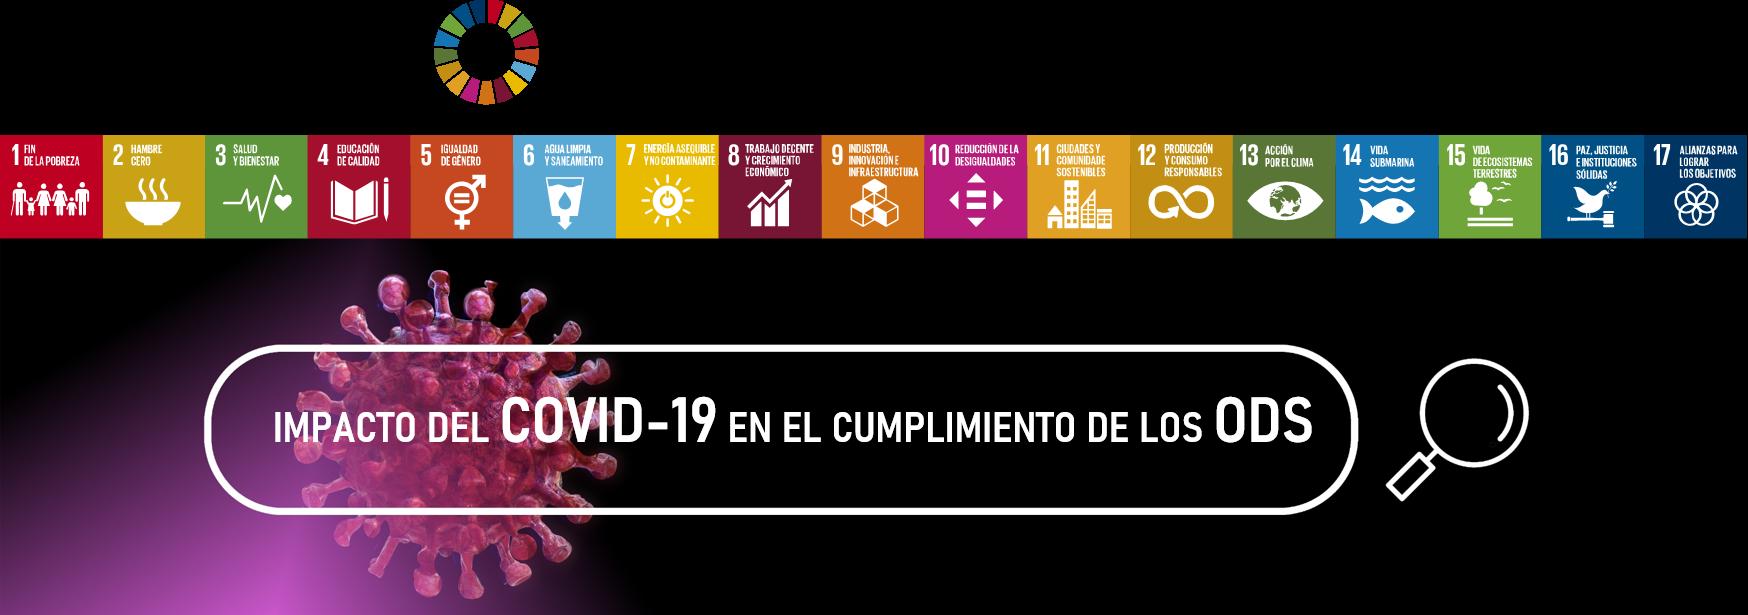 Ingeniería de Caminos y la Cátedra Hidralia+UGR estudian el impacto del COVID-19 en el cumplimiento de los Objetivos de Desarrollo Sostenible